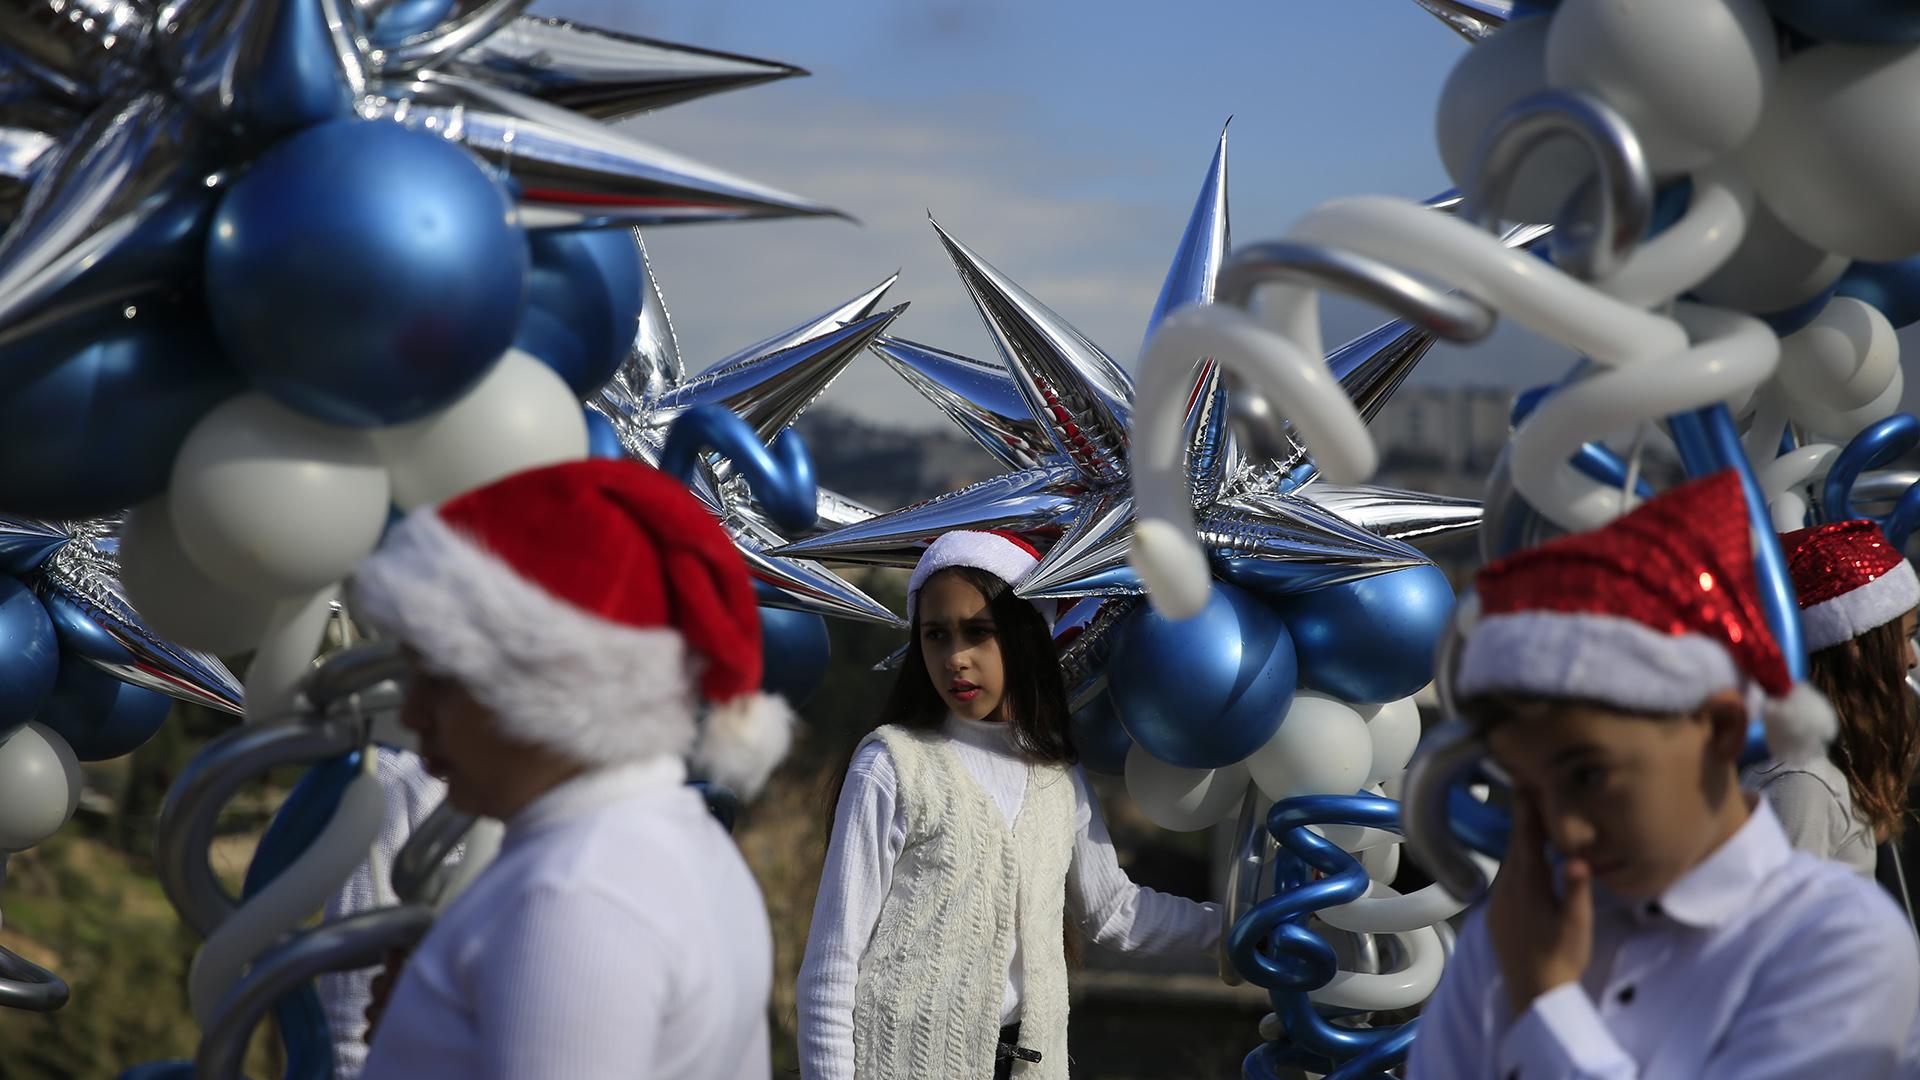 Cristianos árabes israelíes esperan por el inicio del desfile anual de Navidad en Nazareth